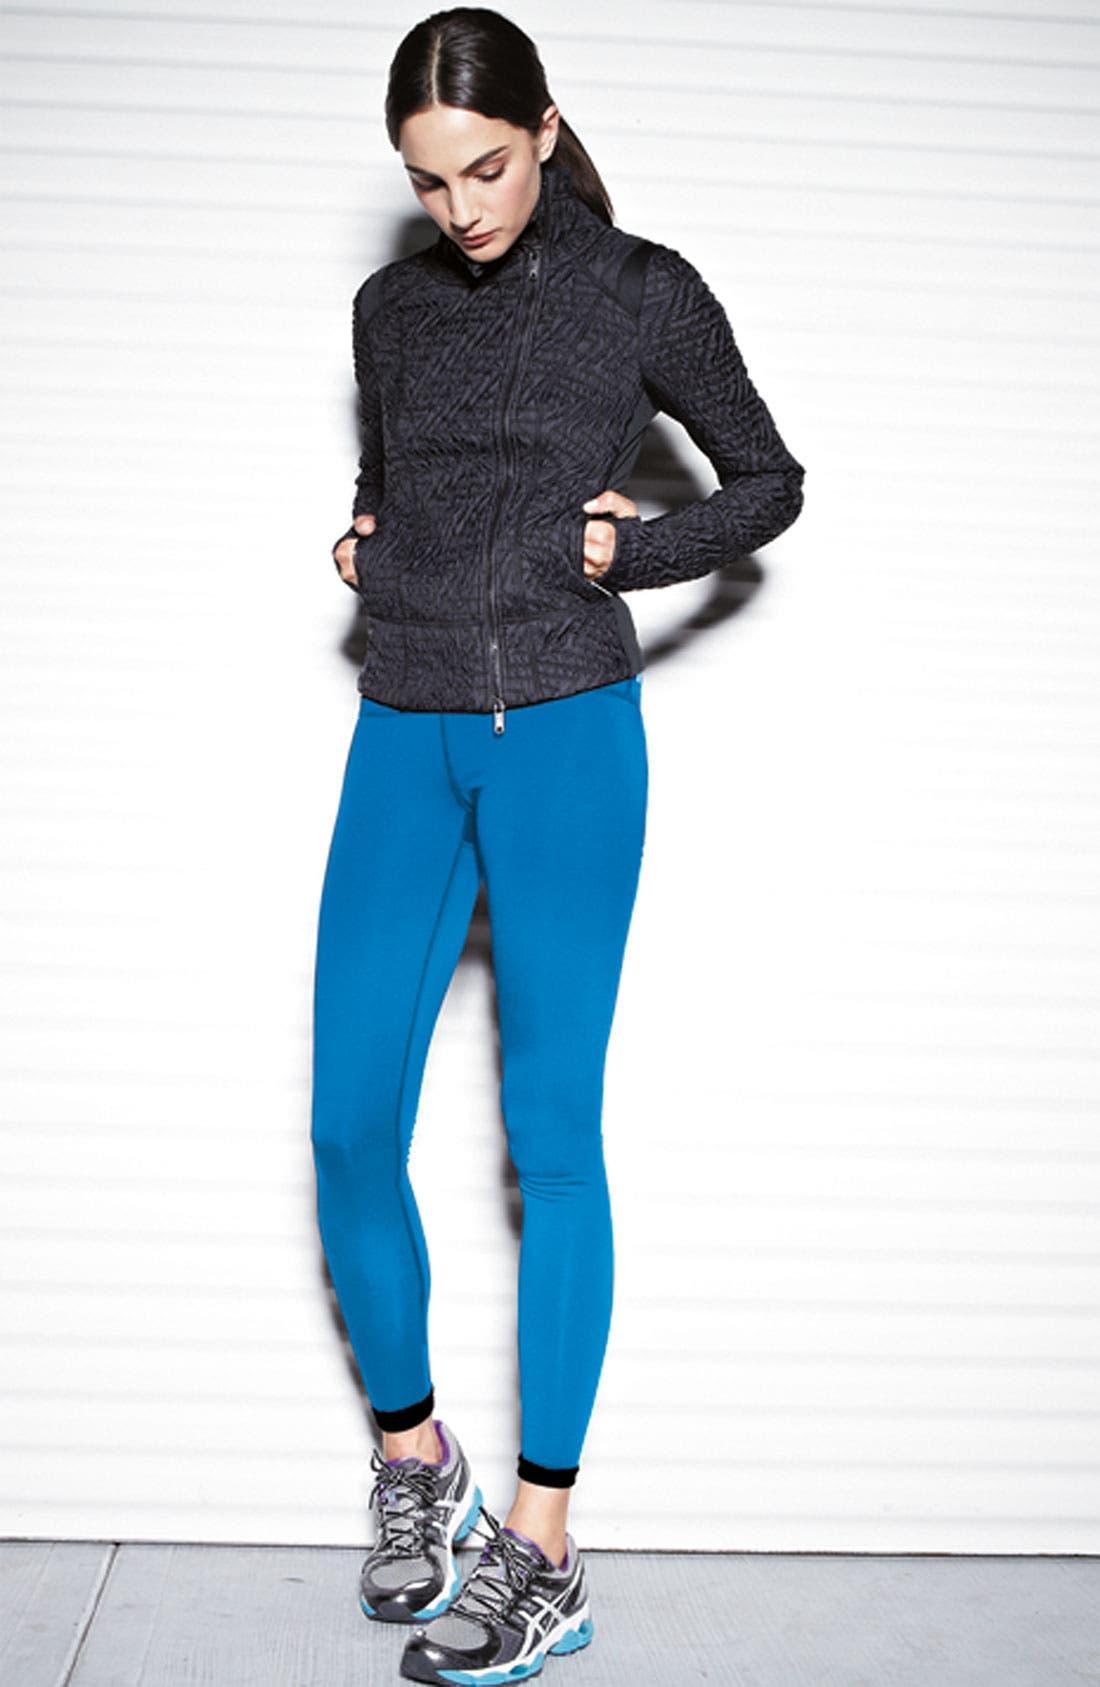 Main Image - Zella Jacket & Leggings